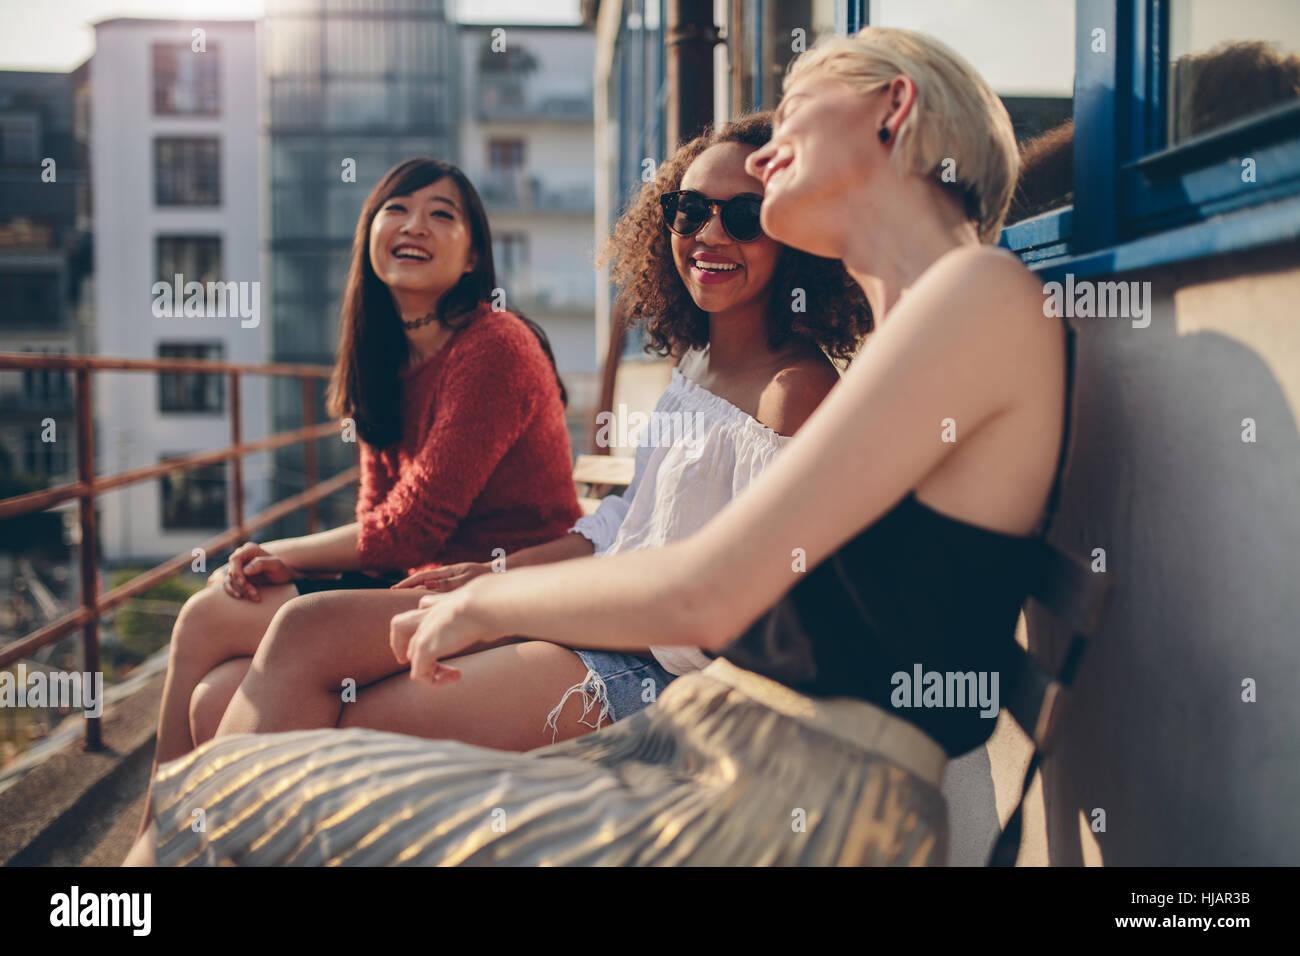 Drei jungen Freundinnen im Balkon sitzen und Spaß haben. Frauen im Freien entspannen und plaudern. Stockbild